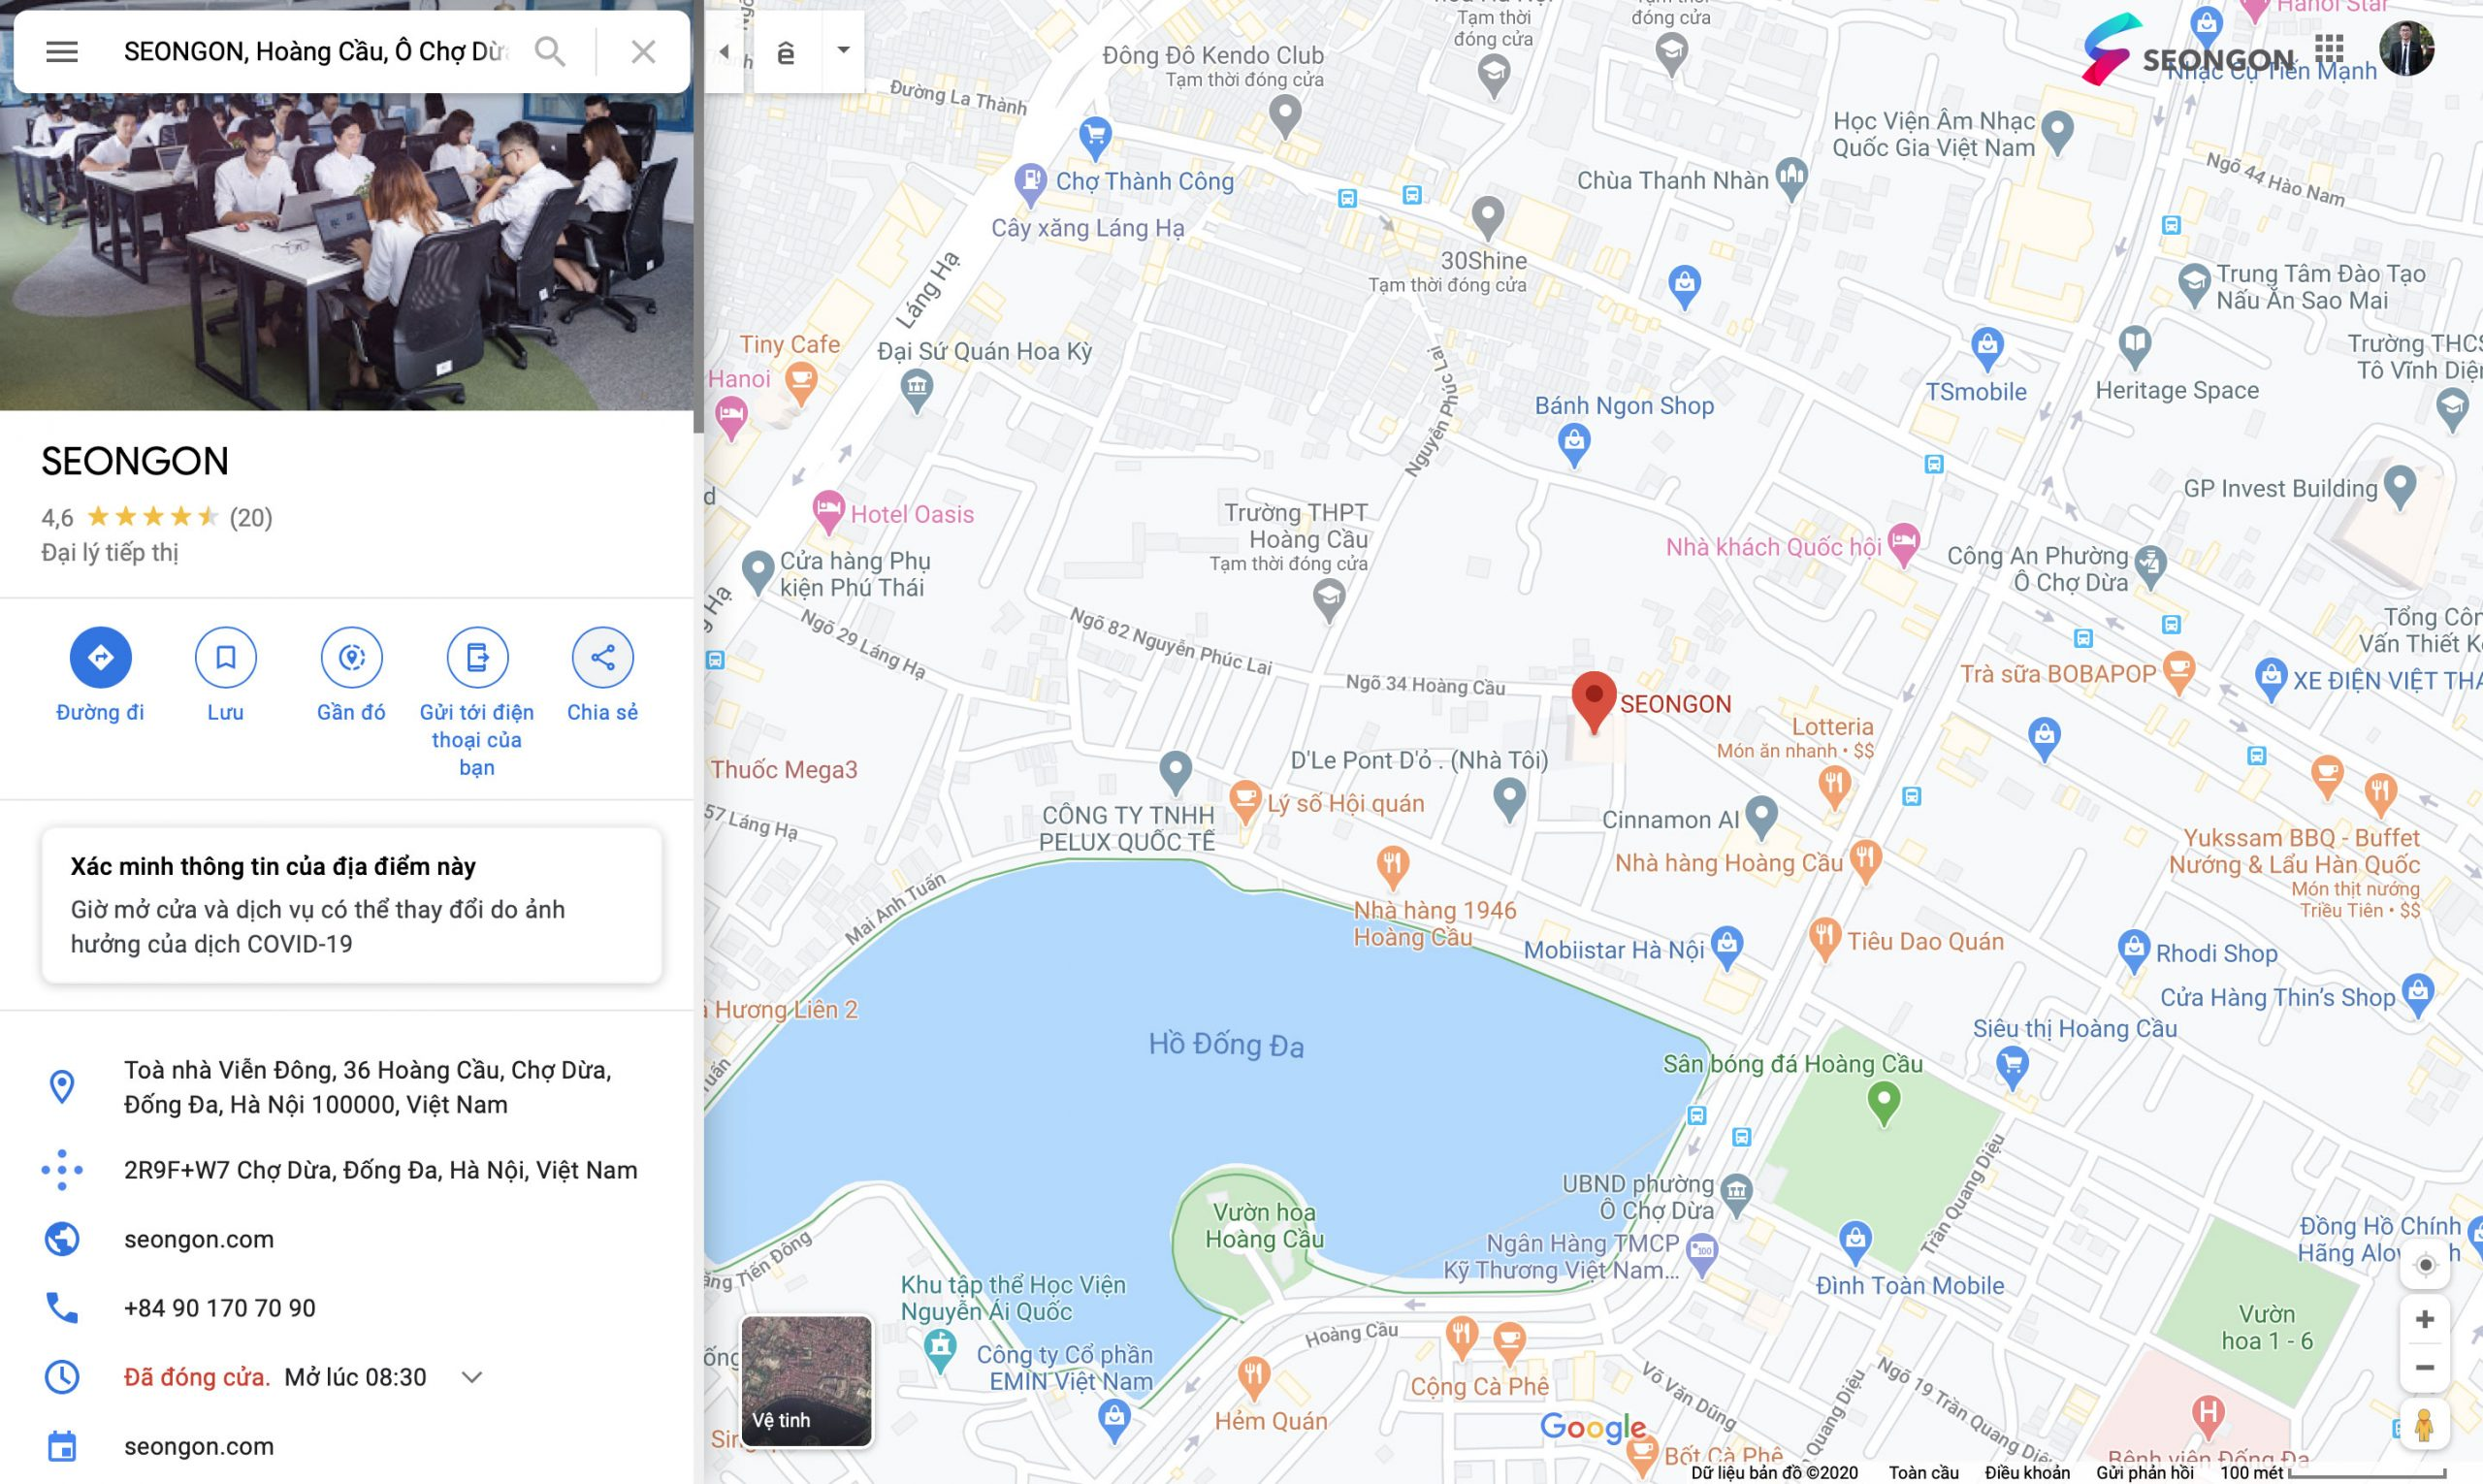 Thông tin doanh nghiệp hiển thị trên Google Maps